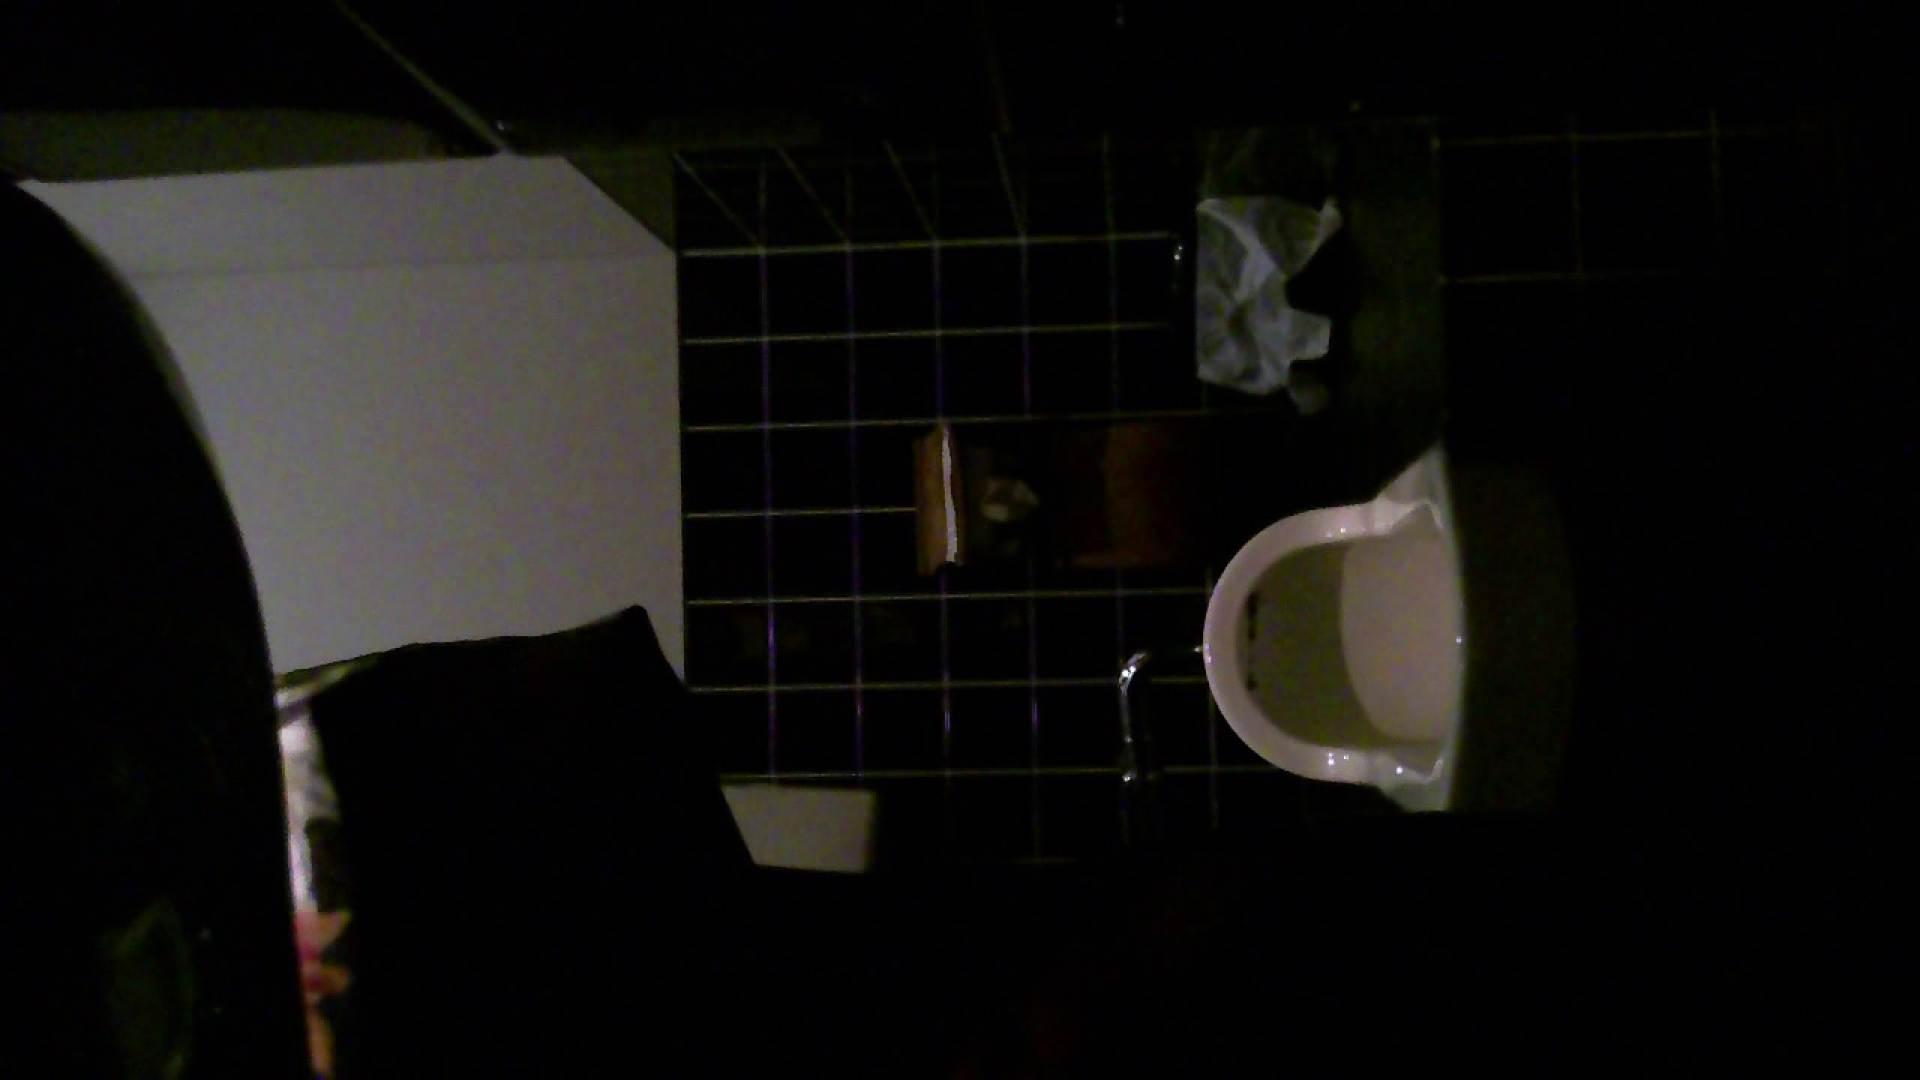 美女の集まる飲み屋洗面所 vol.04 美女エロ画像   OLエロ画像  52PICs 45